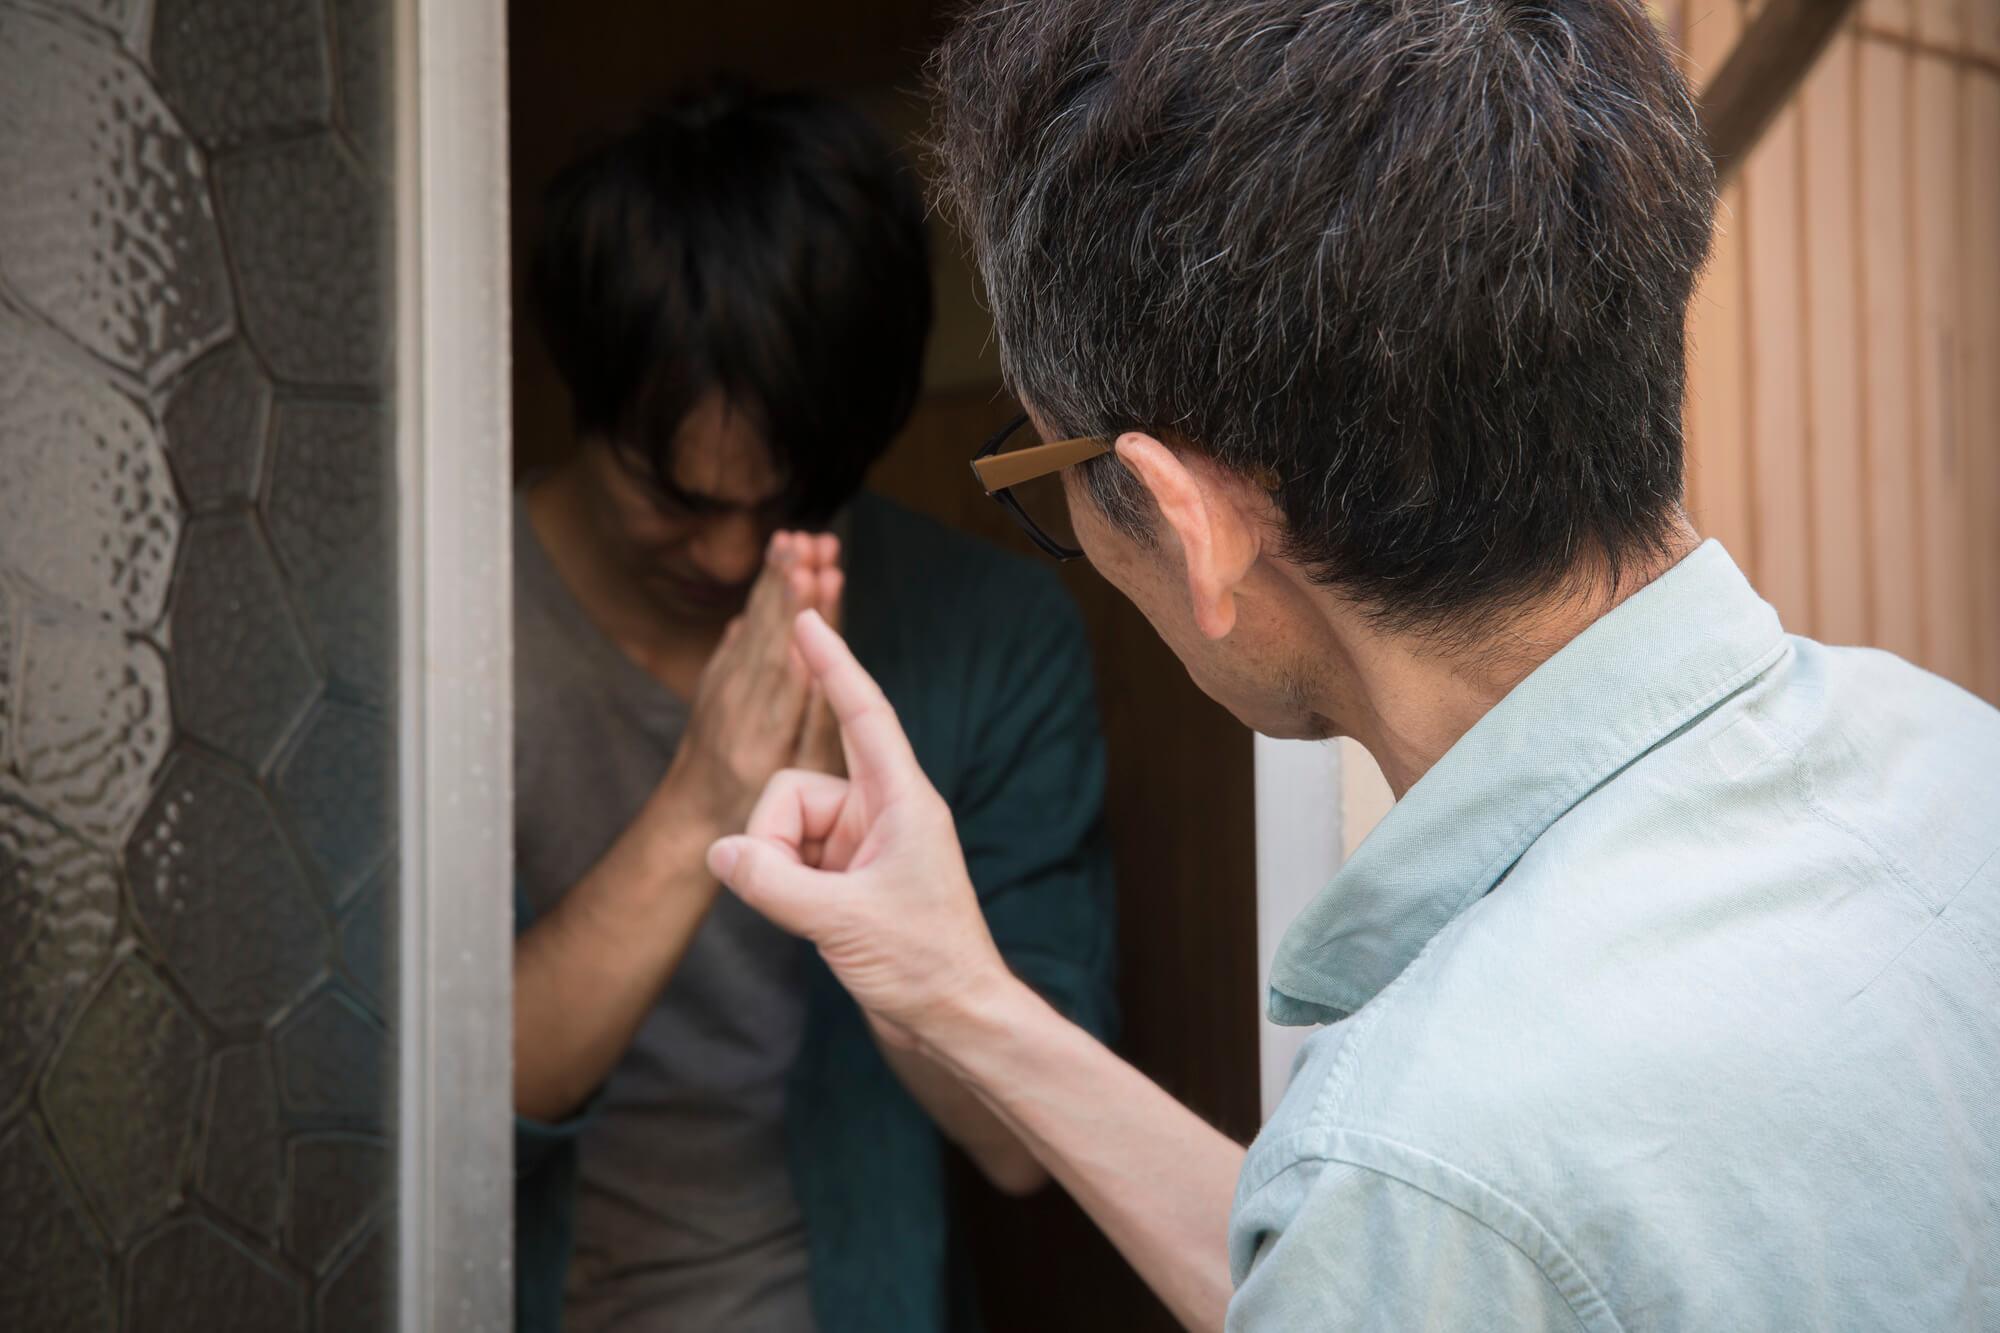 下げるべき? 入居者から家賃交渉があった場合の対応方法